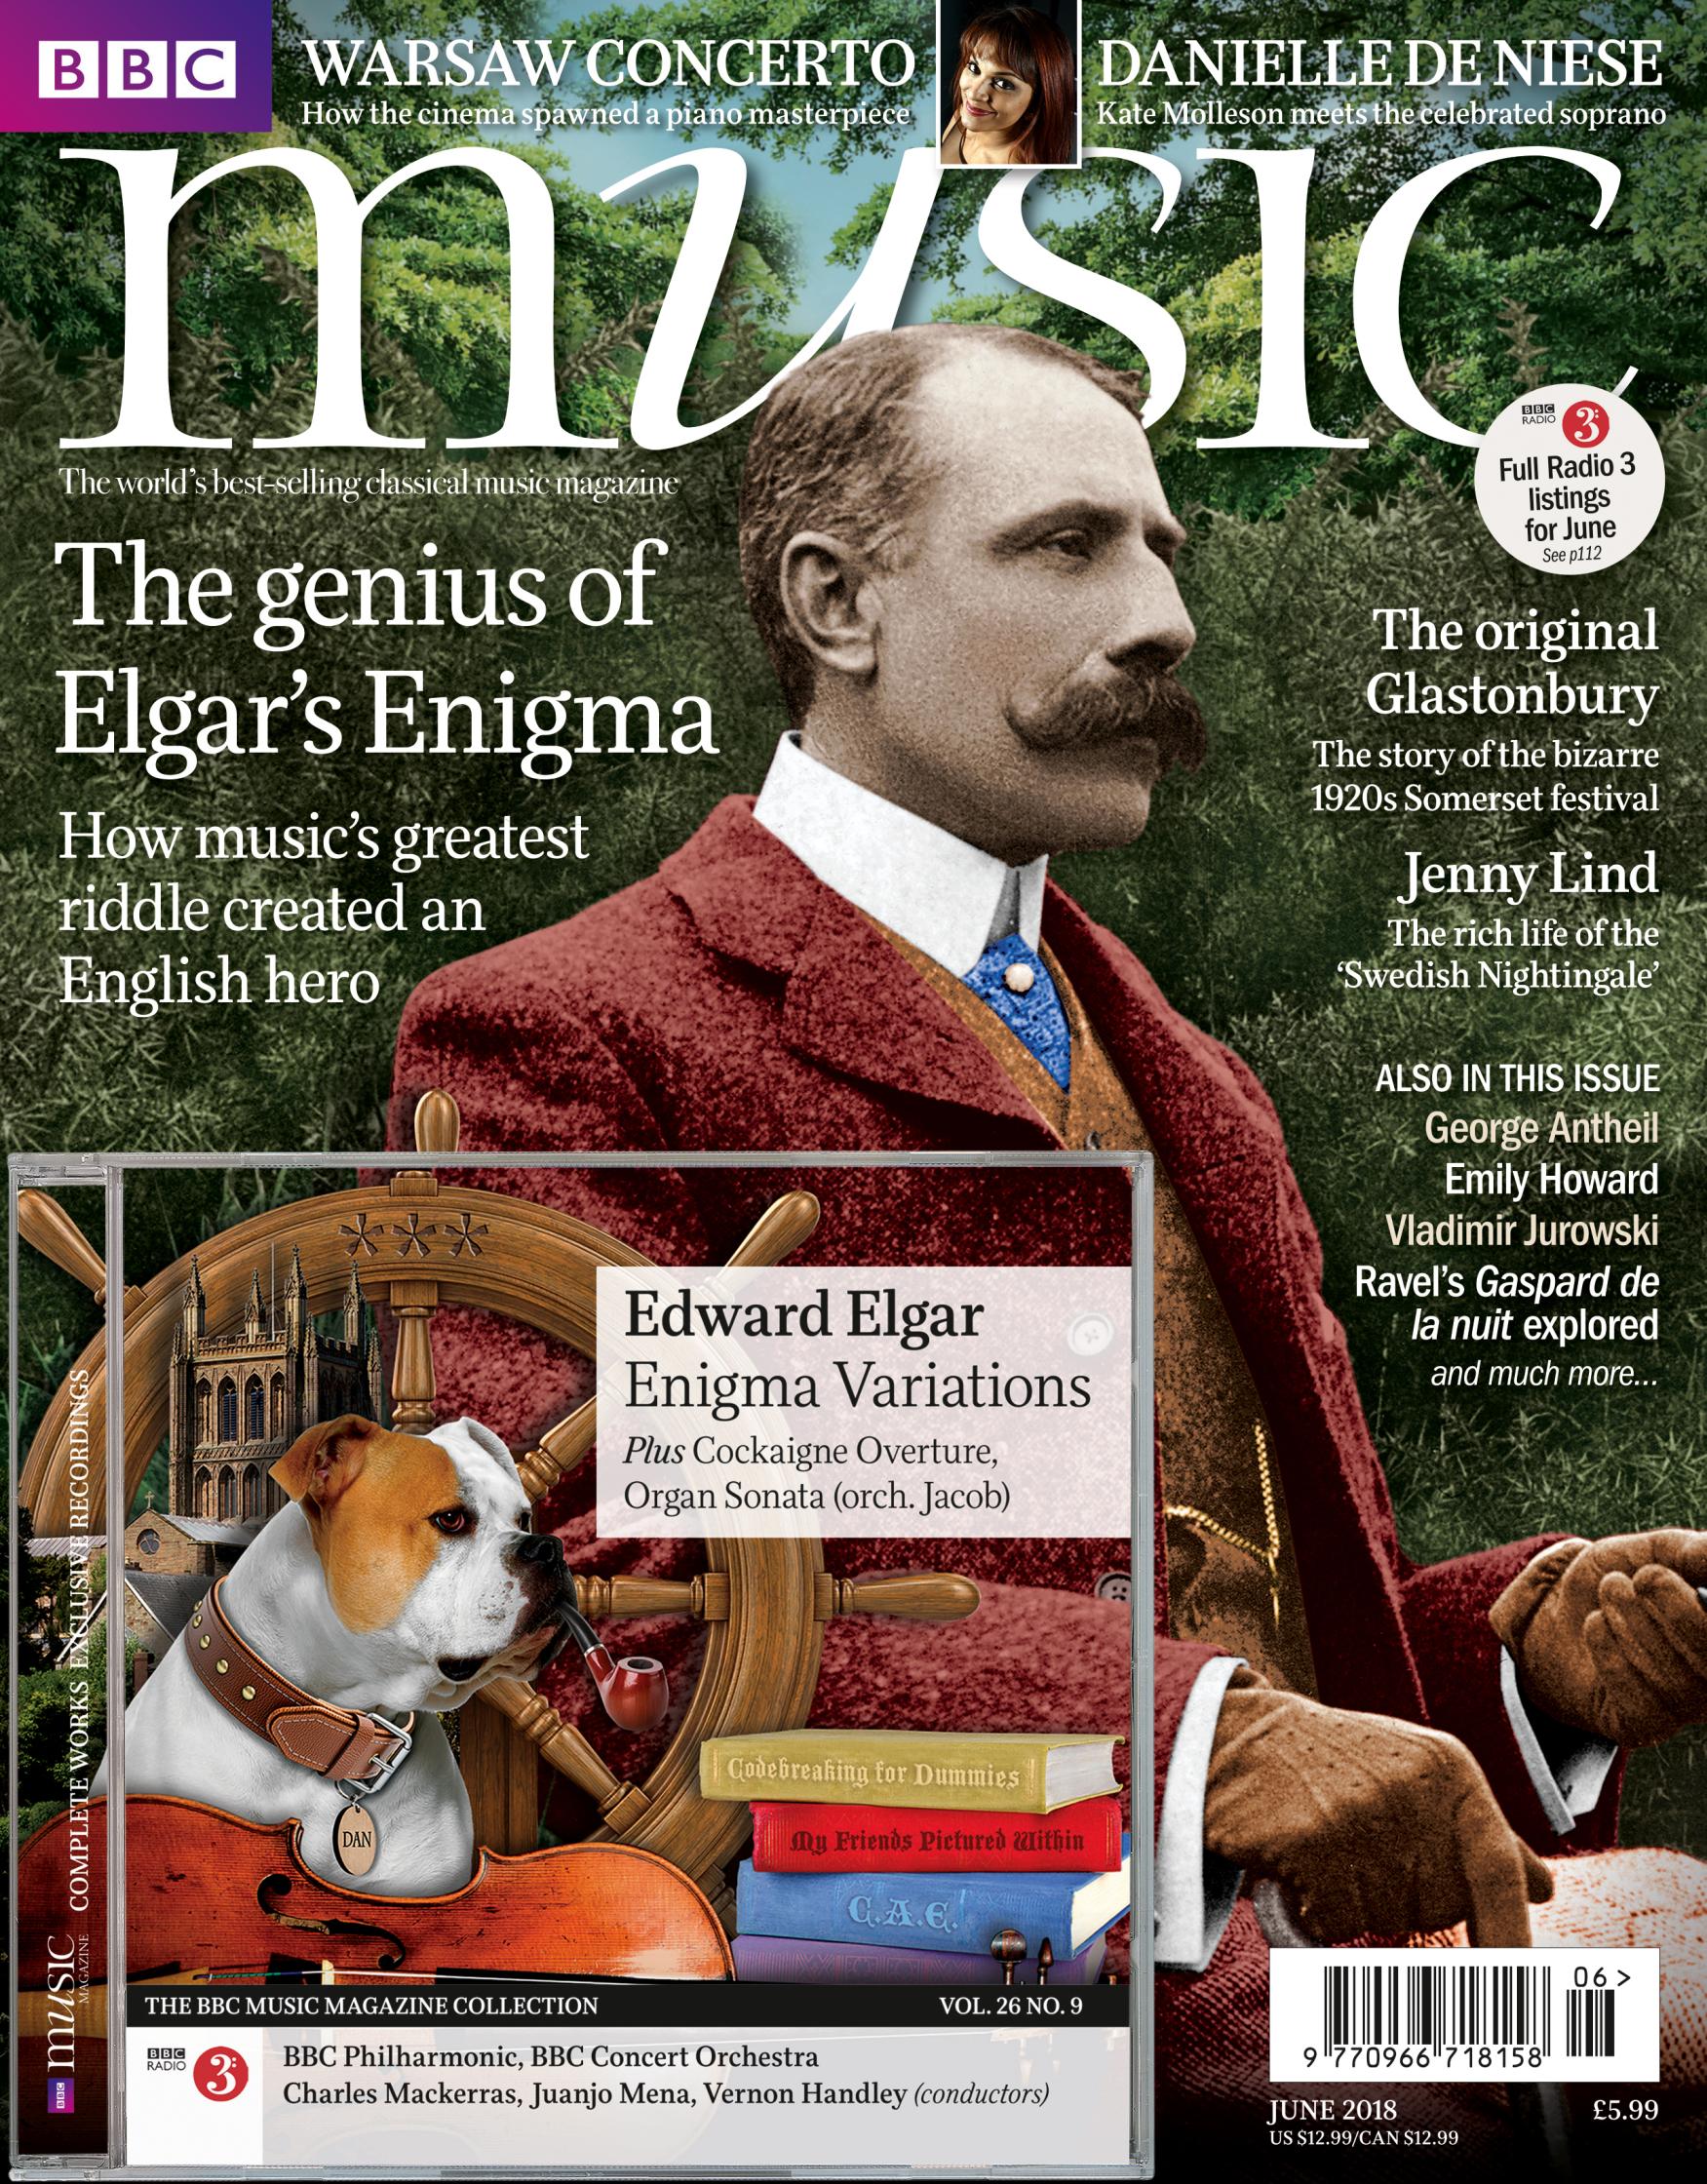 009 Elgar BBC Music Cover Matt Herring.jpg